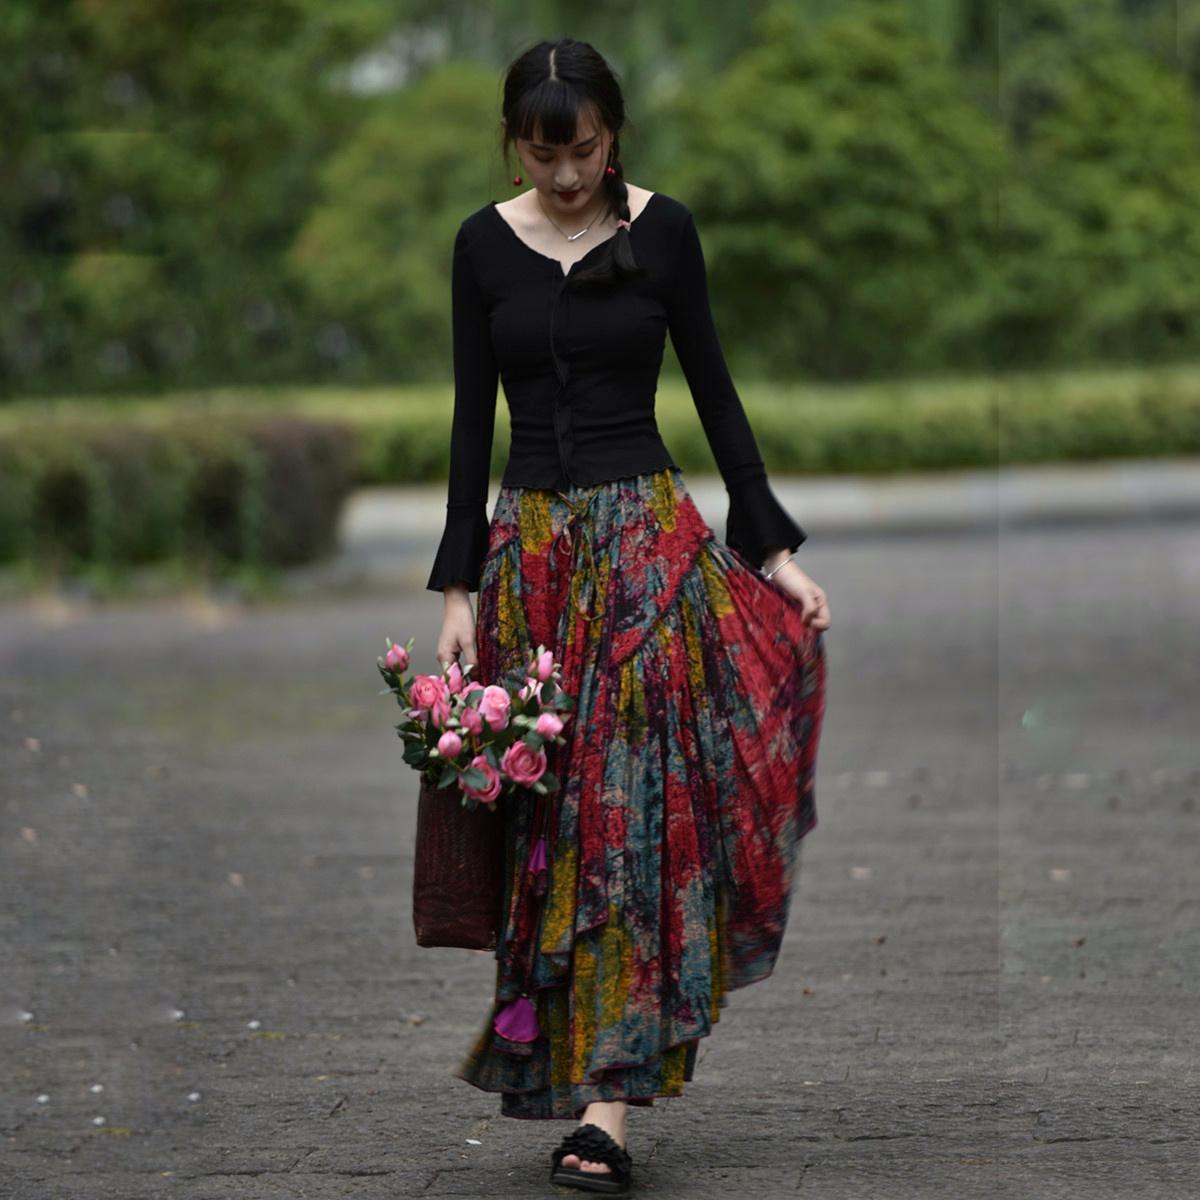 Suxin многослойная юбка пёстрая (1)